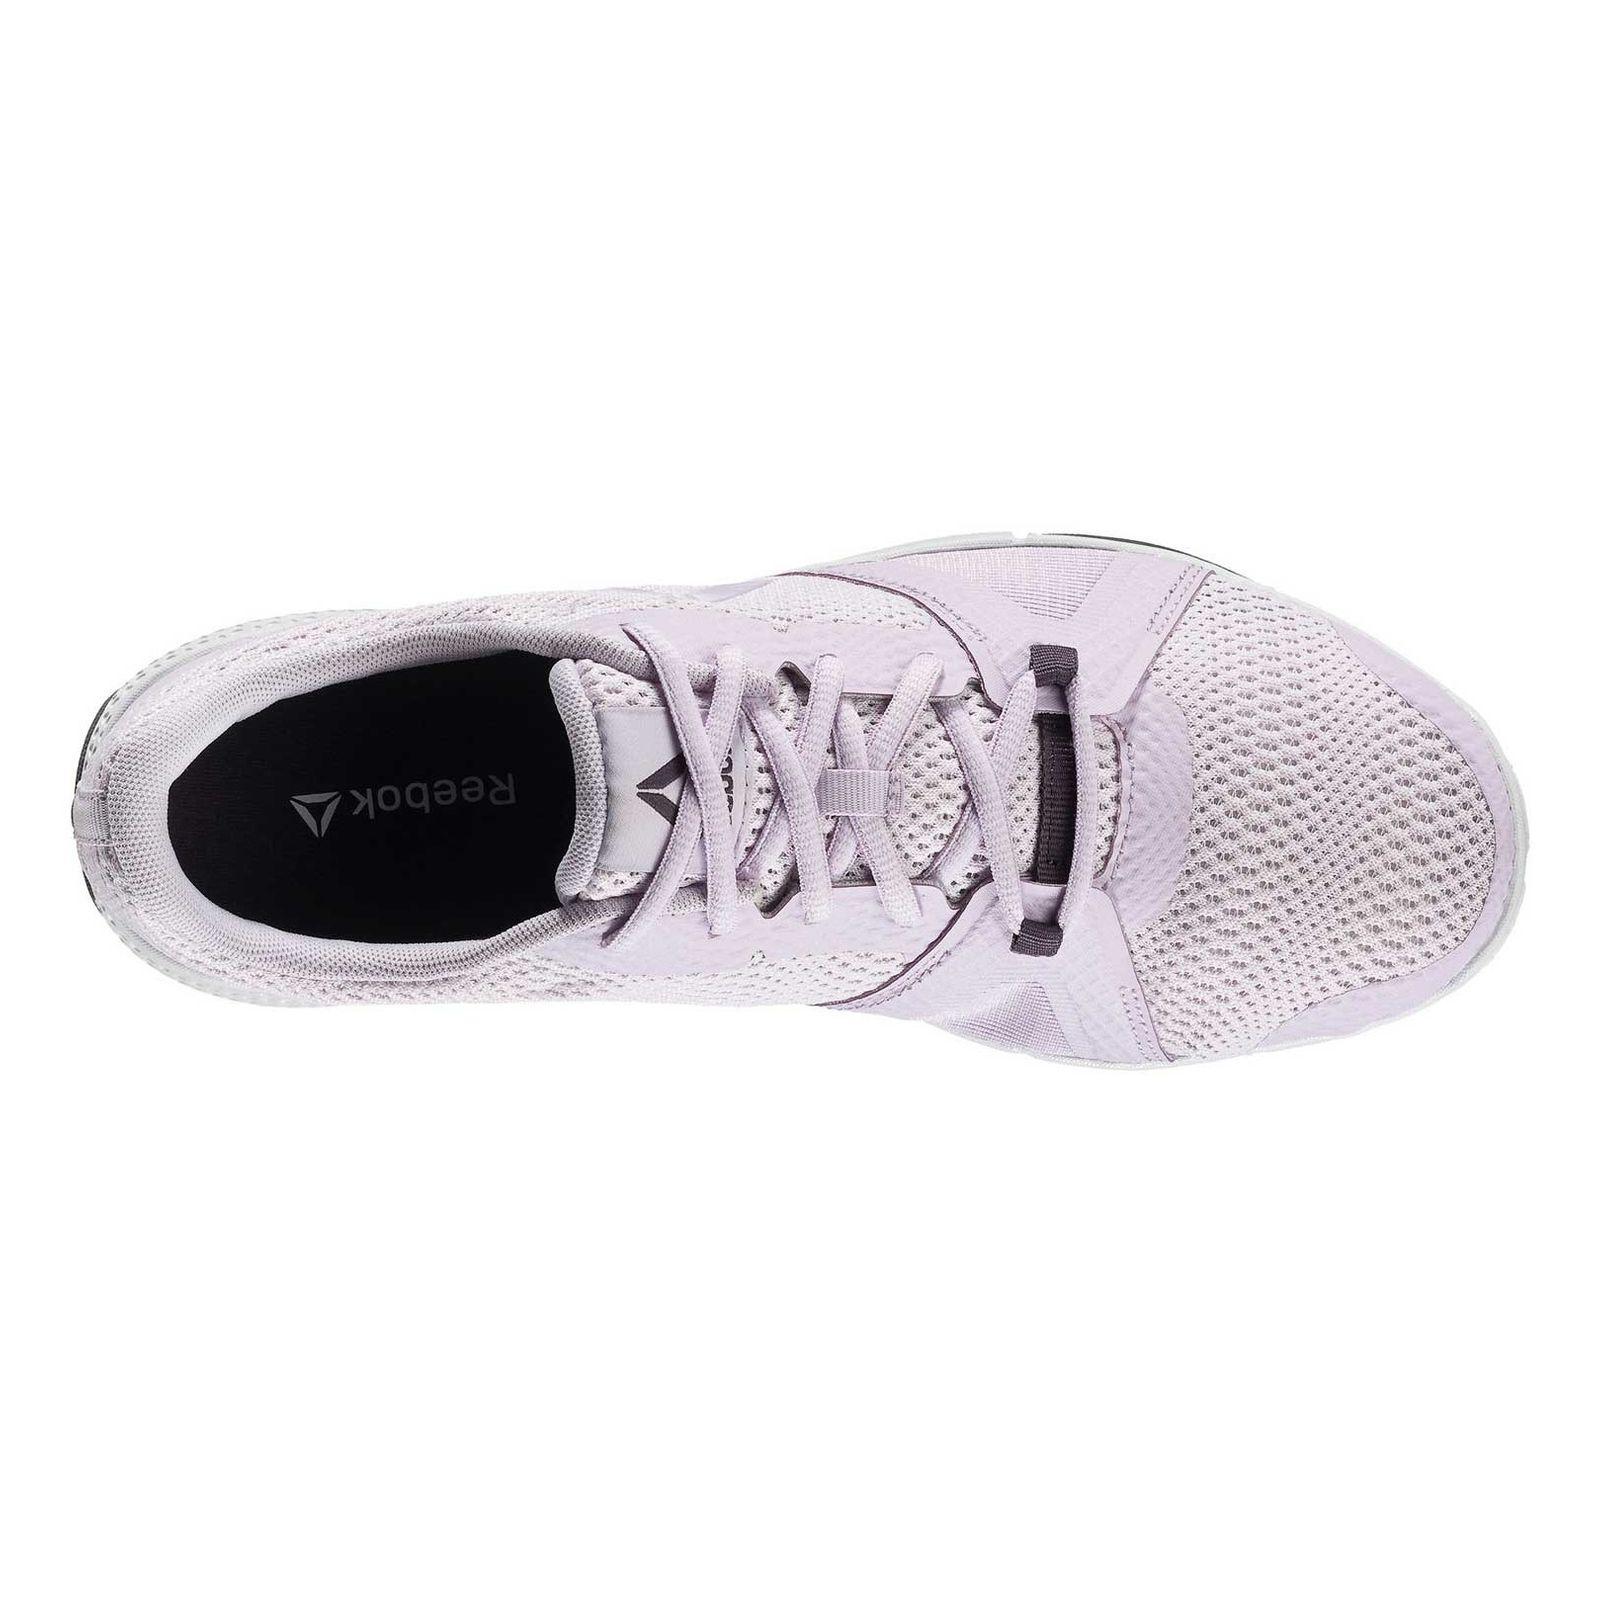 کفش تمرین بندی زنانه Flexile - ریباک - صورتی - 4